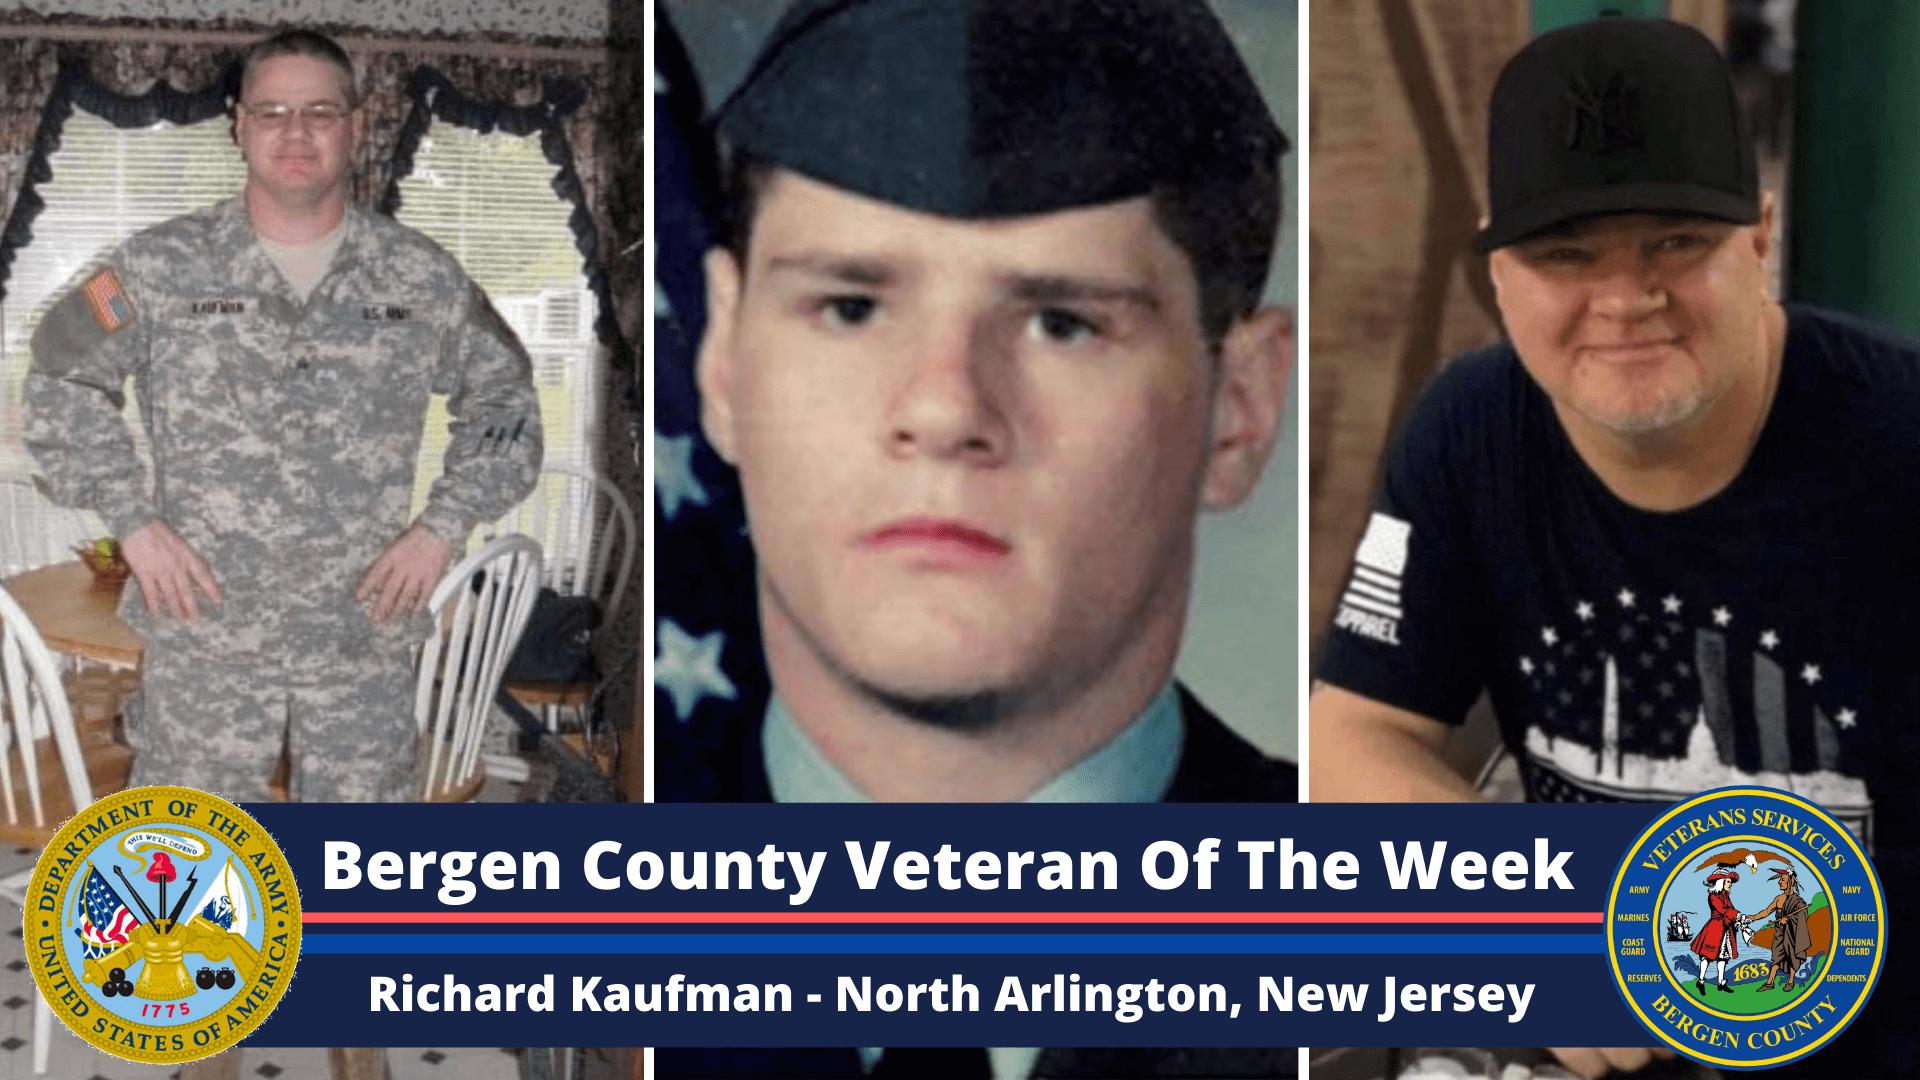 Bergen County Veteran of the Week: Richard Kaufman